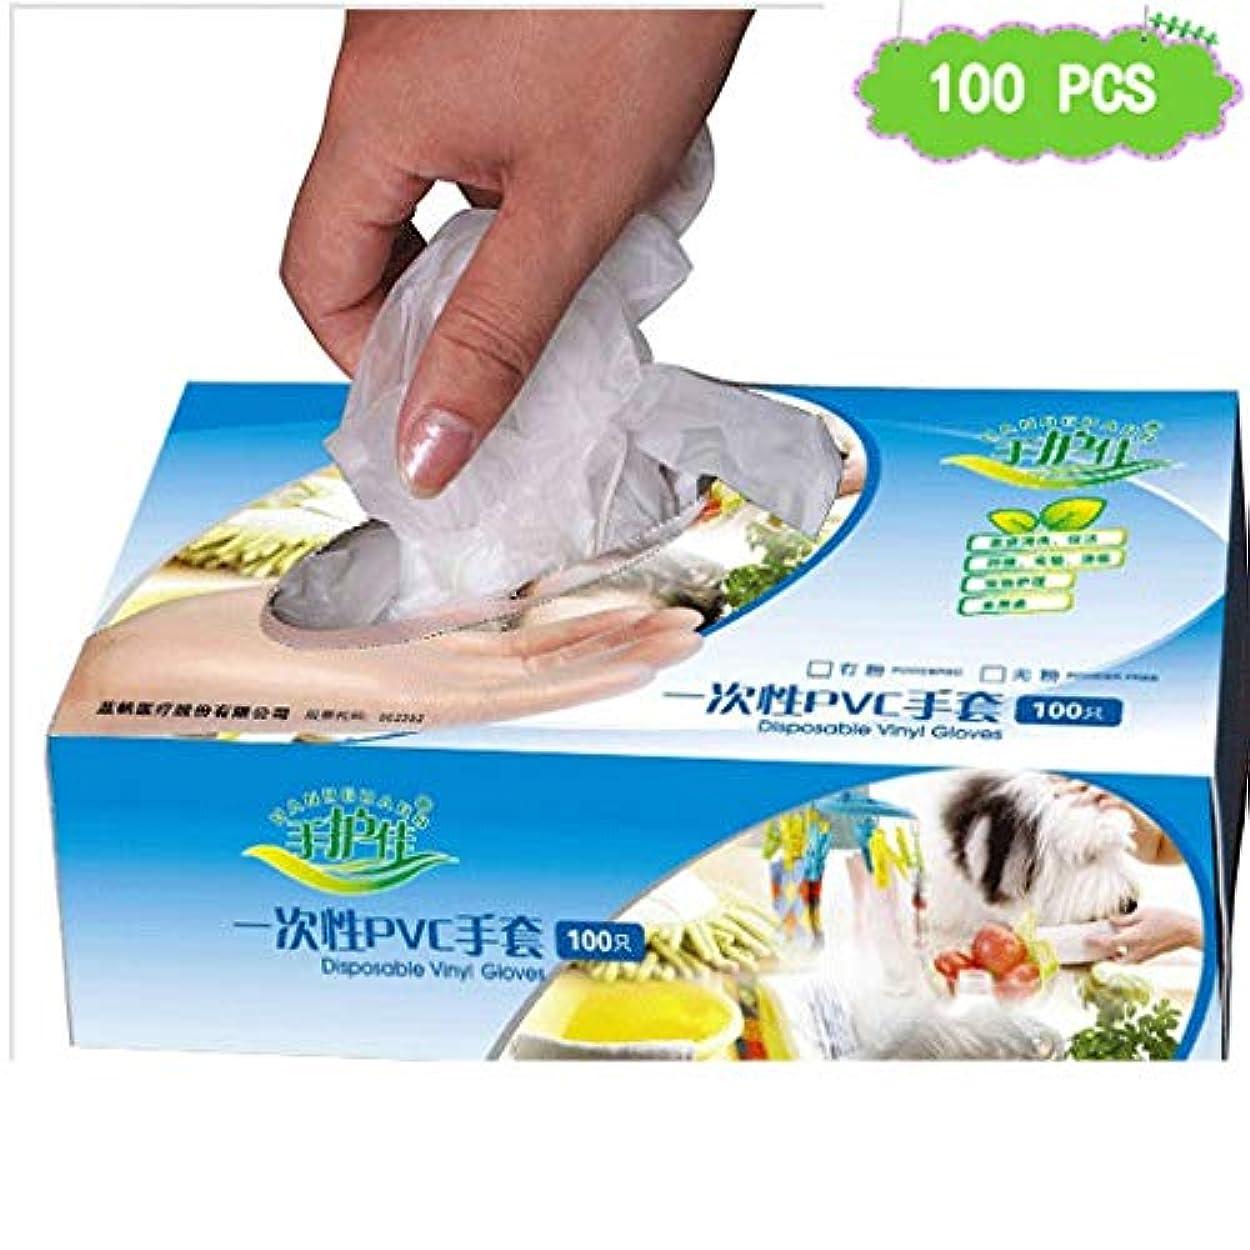 不愉快家族情報ビニール試験使い捨て手袋ゴム研究所労働保険PVC手袋検査保護実験、ビューティーサロンラテックスフリー、パウダーフリー、両手利き、100個 (Size : M)